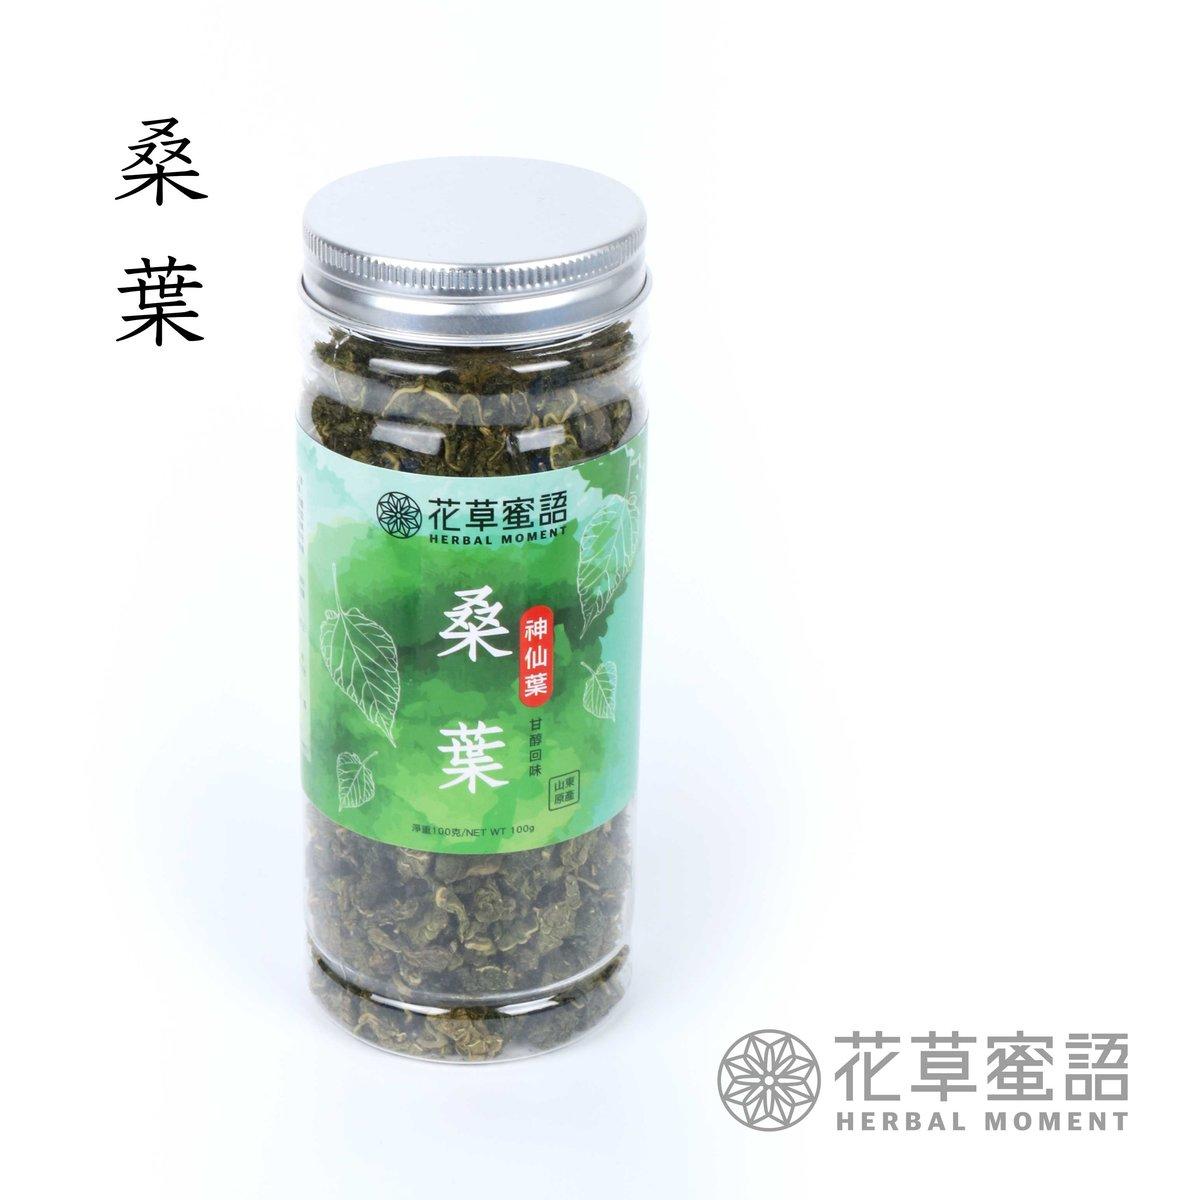 桑 葉 花茶/養生茶 (神仙葉) (2瓶裝) 甘醇回味